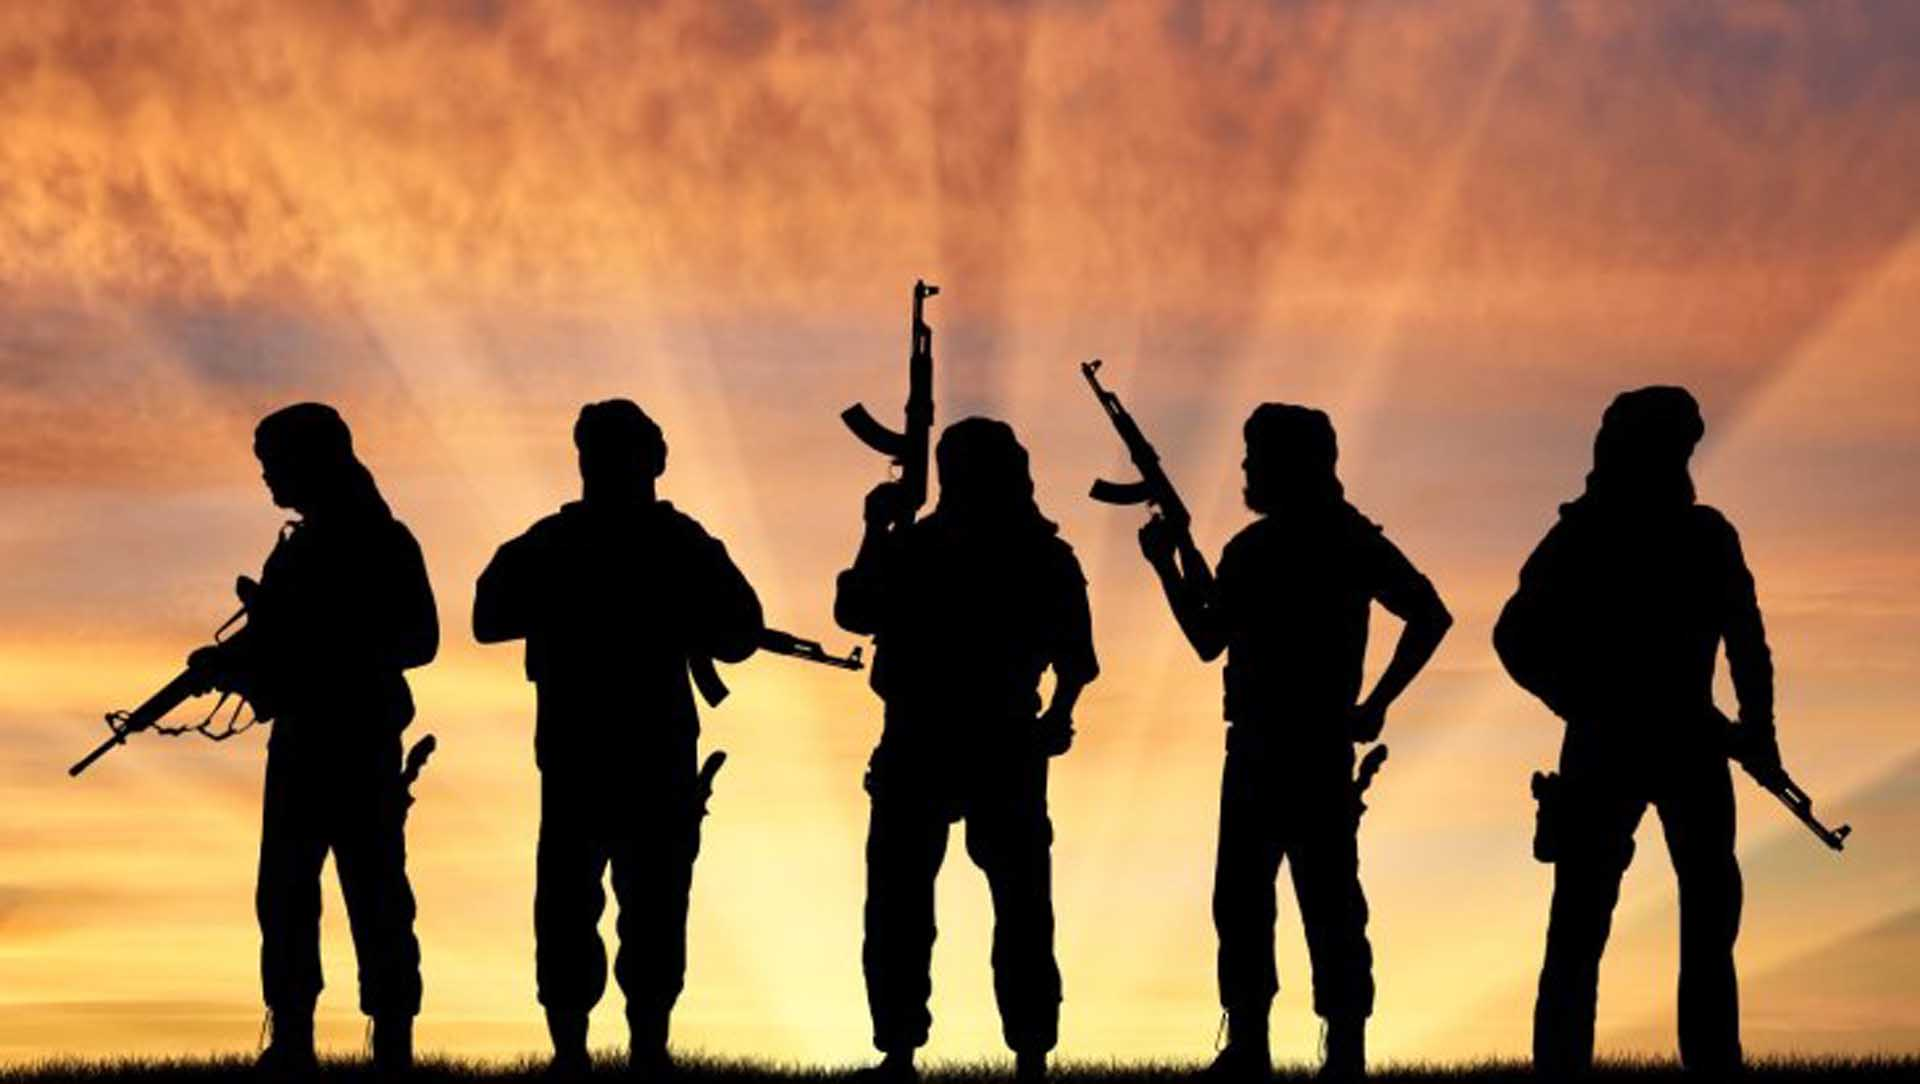 هل يتمّ إنعاش (داعش) في سورية على يد وحدات حماية الشعب؟